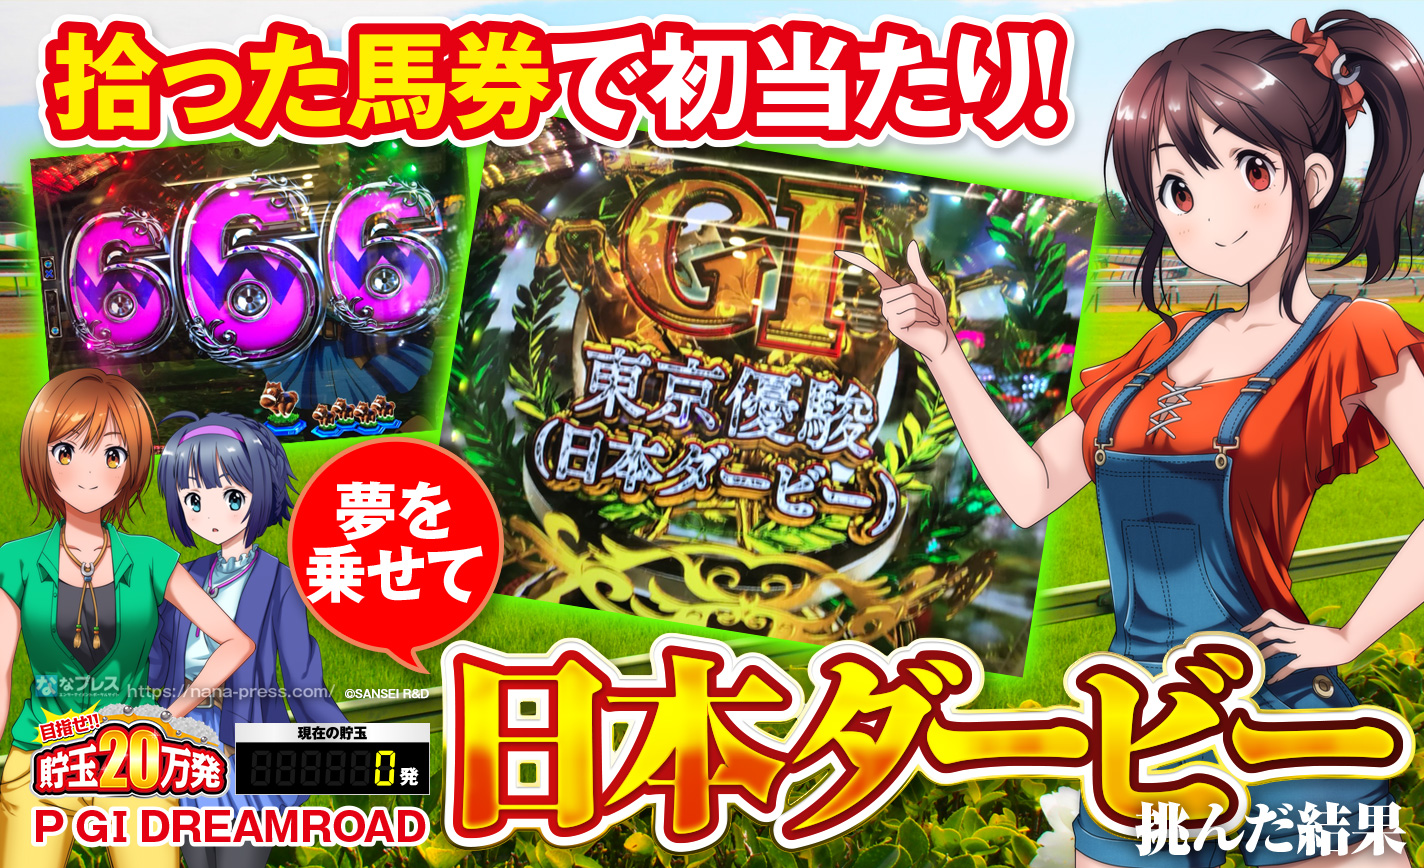 【P GI DREAMROAD】拾った馬券で初当たり!夢を乗せて日本ダービーに挑んだ結果 eyecatch-image